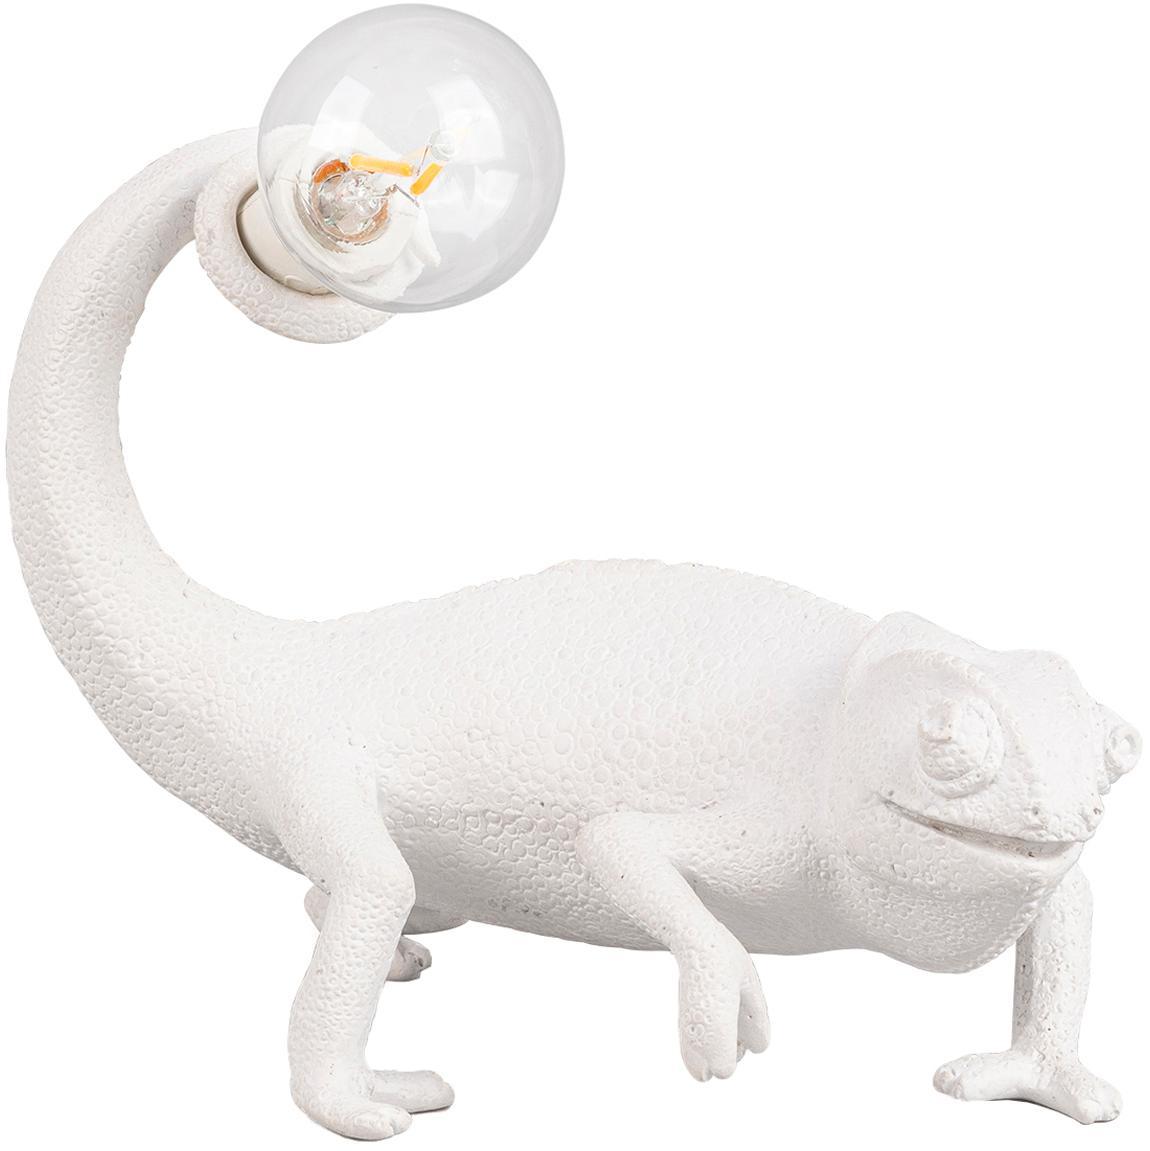 Design-Tischlampe Chameleon, Leuchte: Polyresin, Weiß, 17 x 14 cm